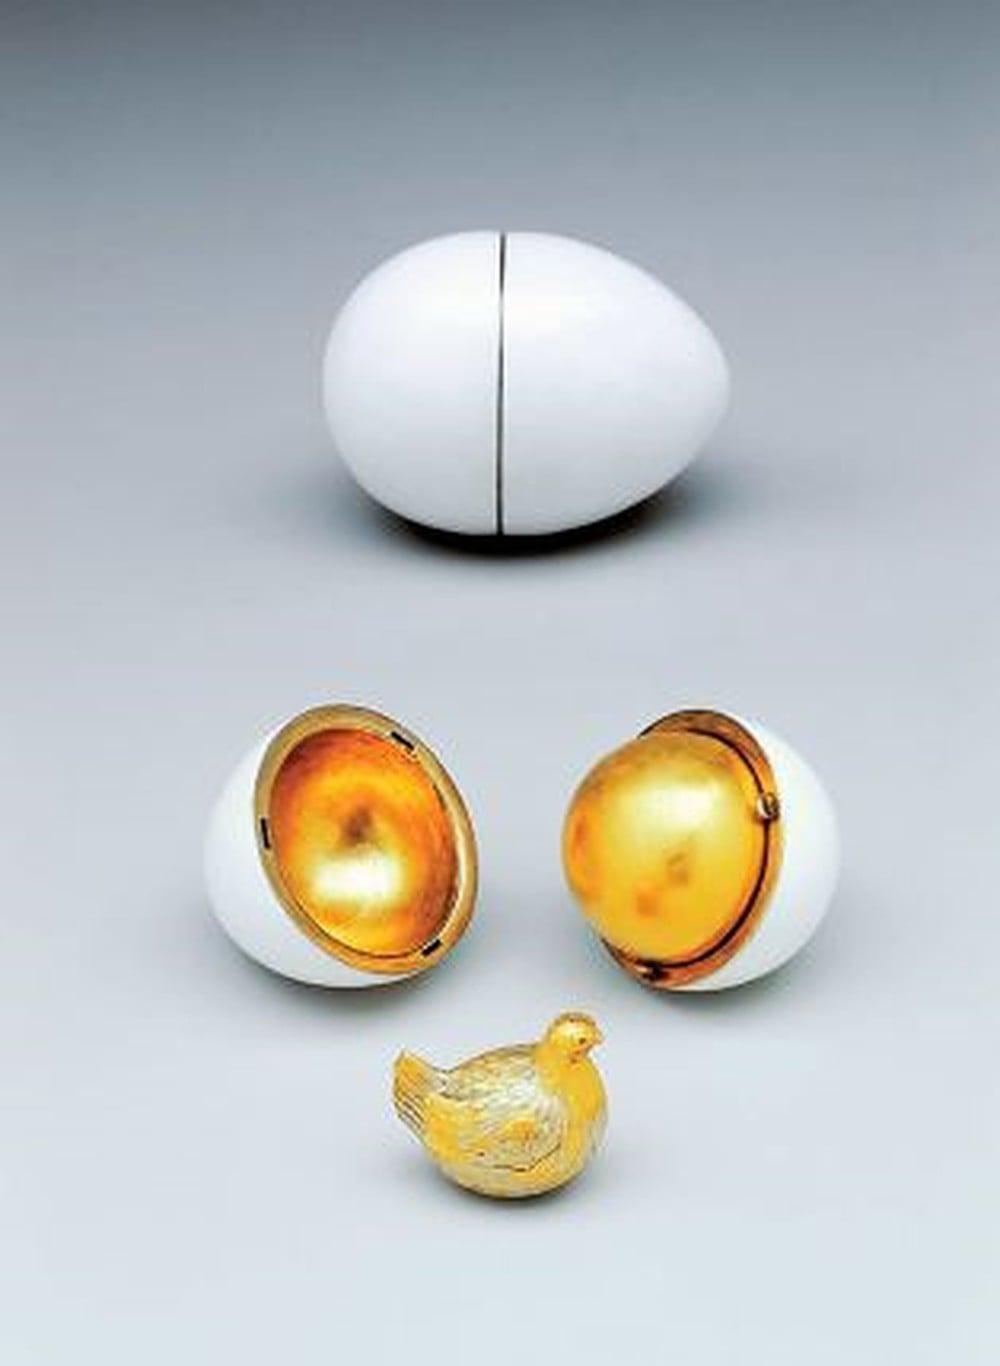 Kết quả hình ảnh cho Trứng Phục sinh Fabergé